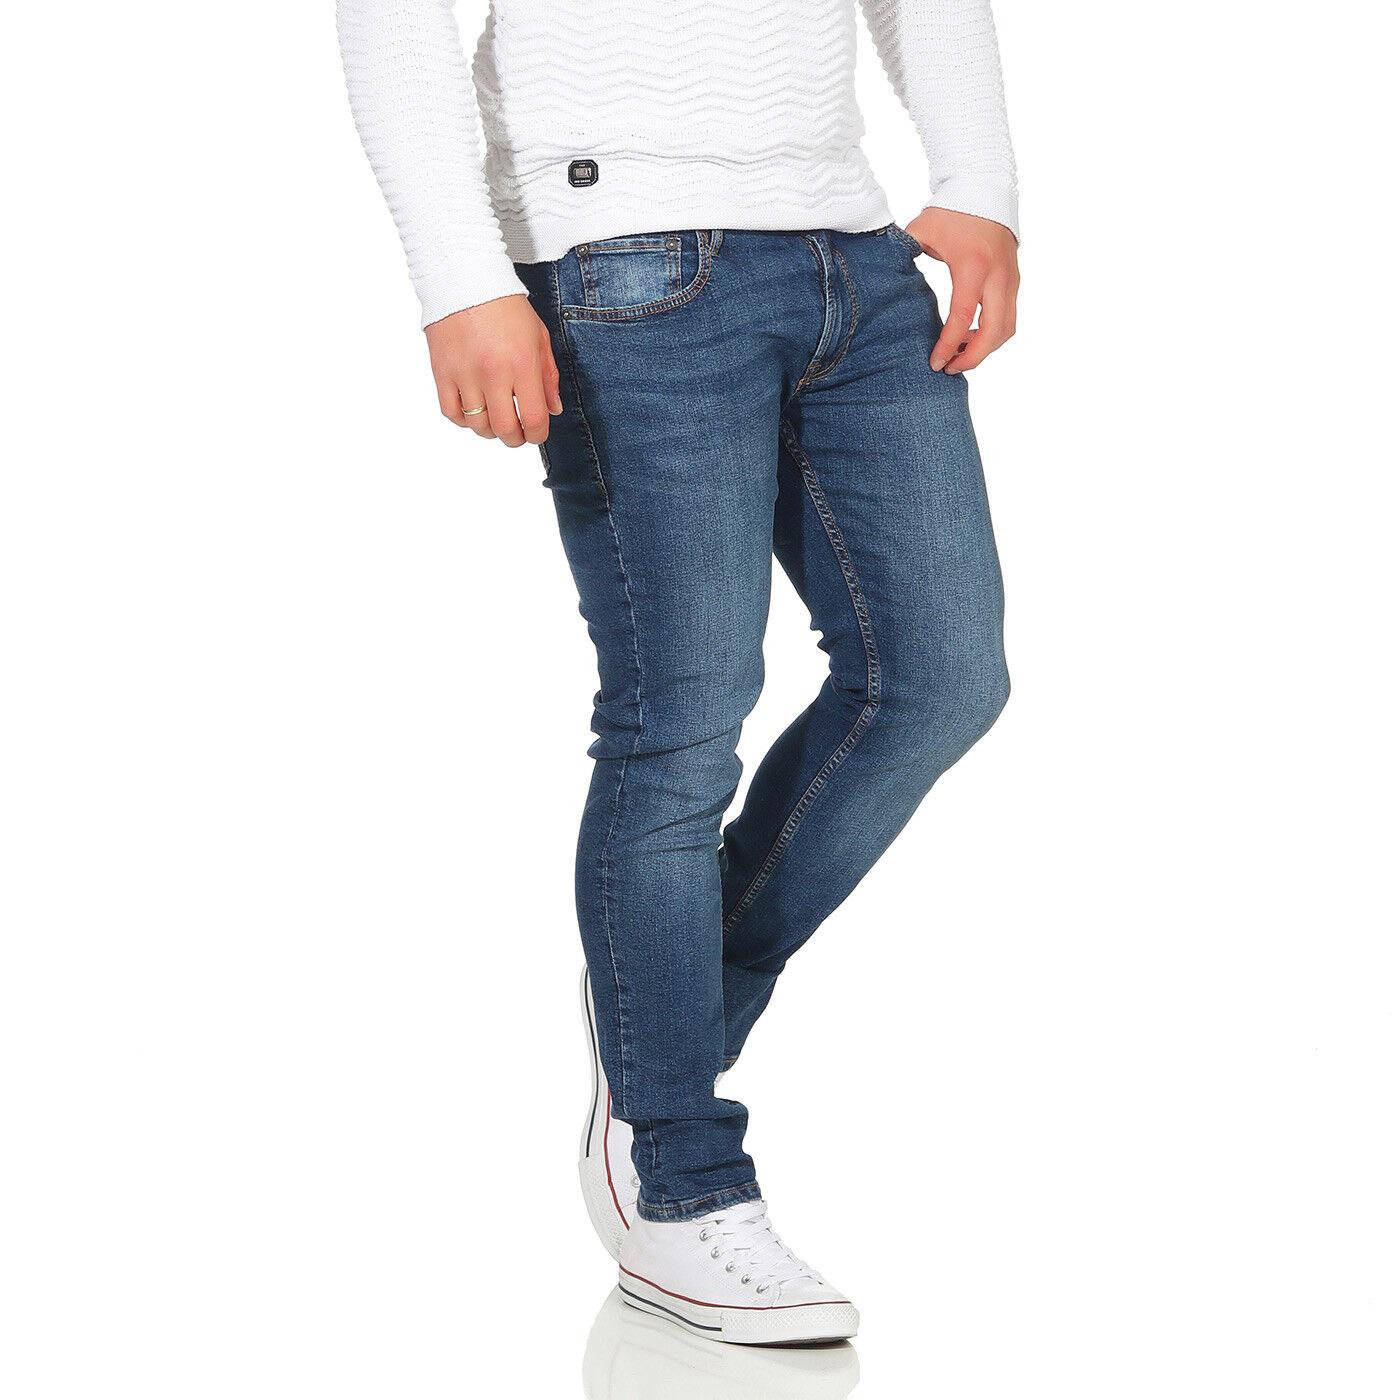 d34a4692d40 Jack   Jones Homme Coupe Skinny Stretch Pantalon Jeans Liam Original en  Bleu - 4 4 sur 9 ...